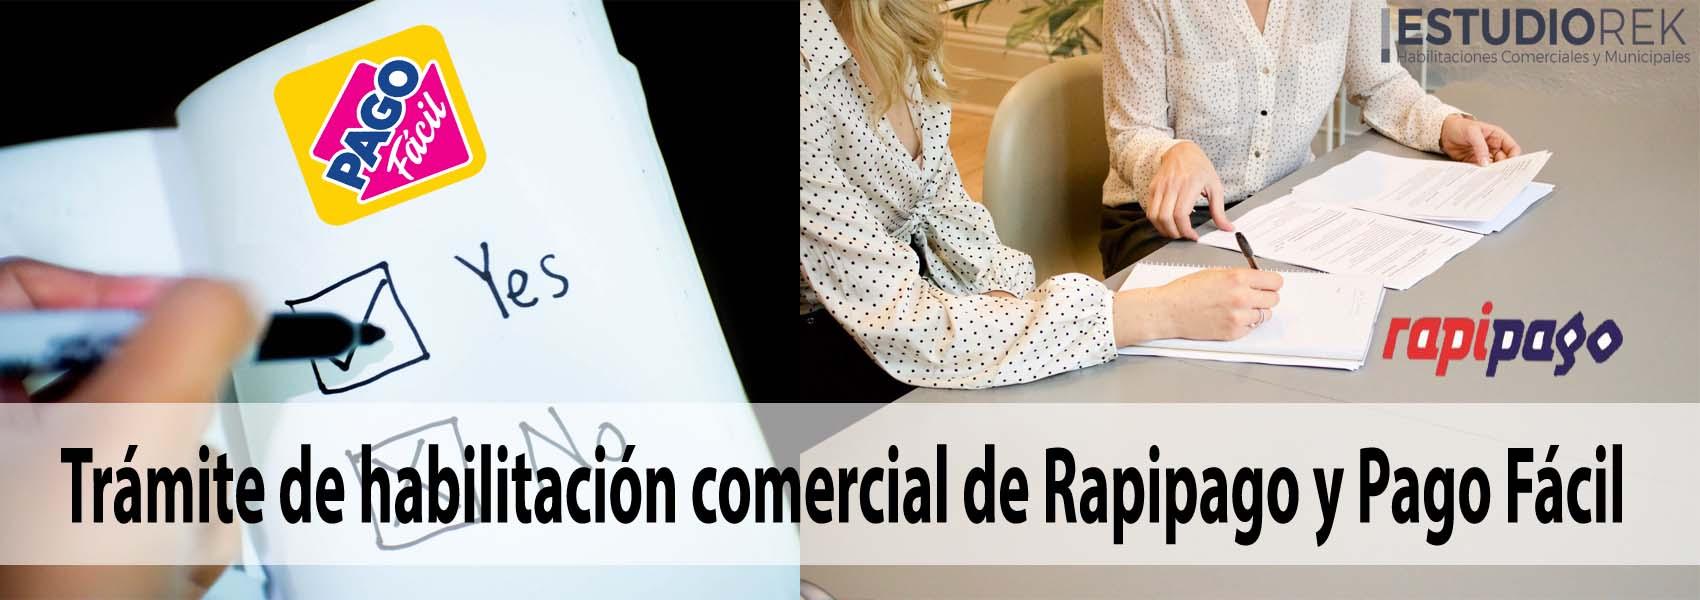 habilitación comercial de Rapipago y Pago Fácil